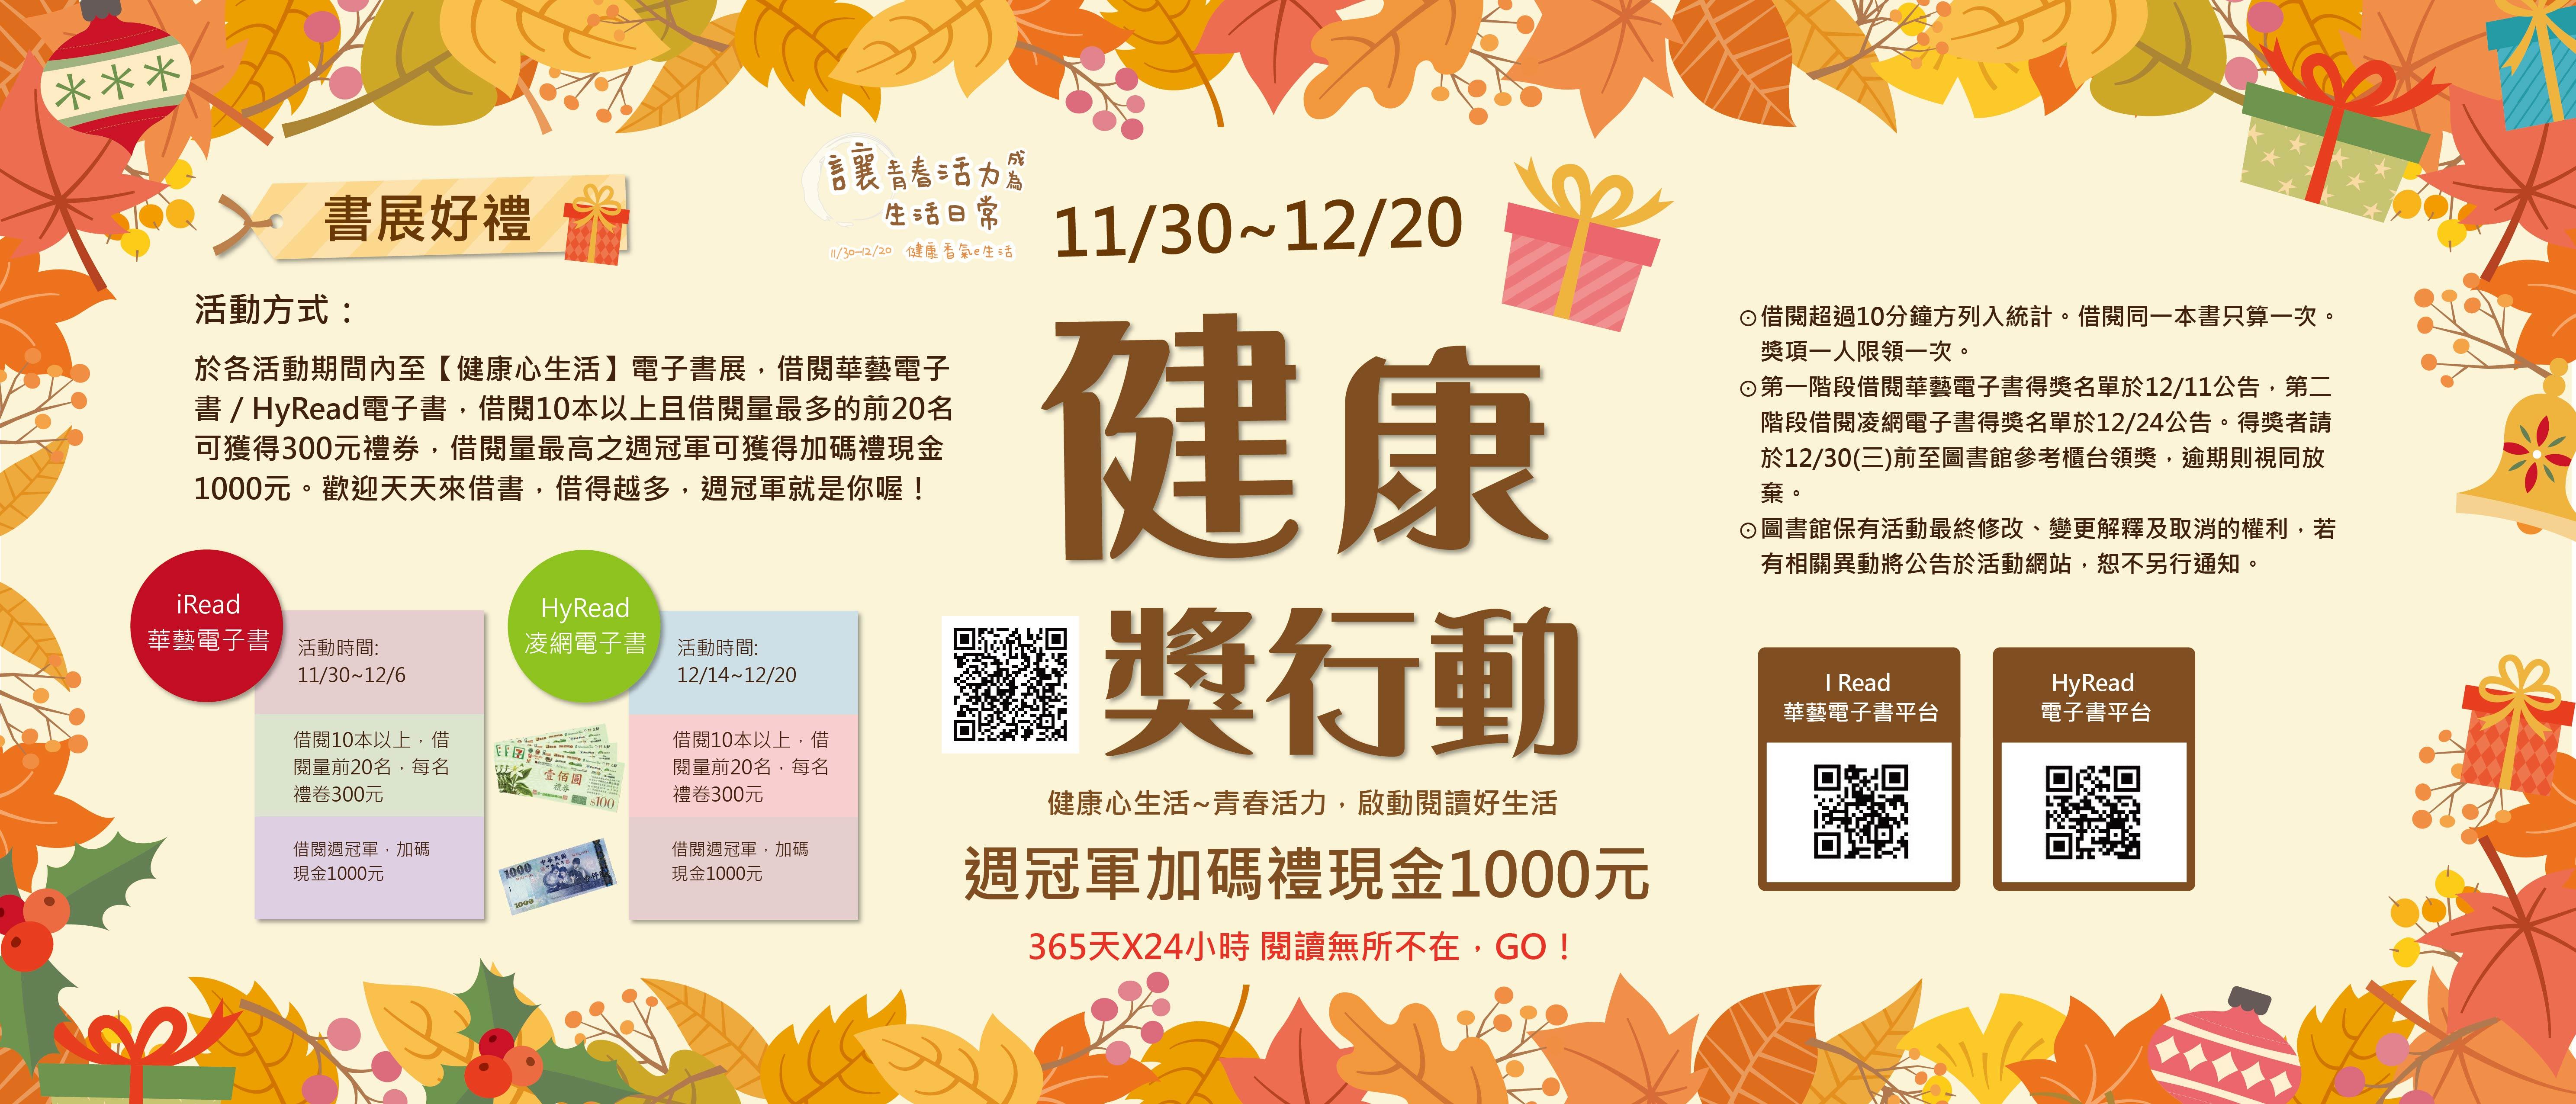 【電子書健康獎行動-週冠軍加碼禮現金1000元】